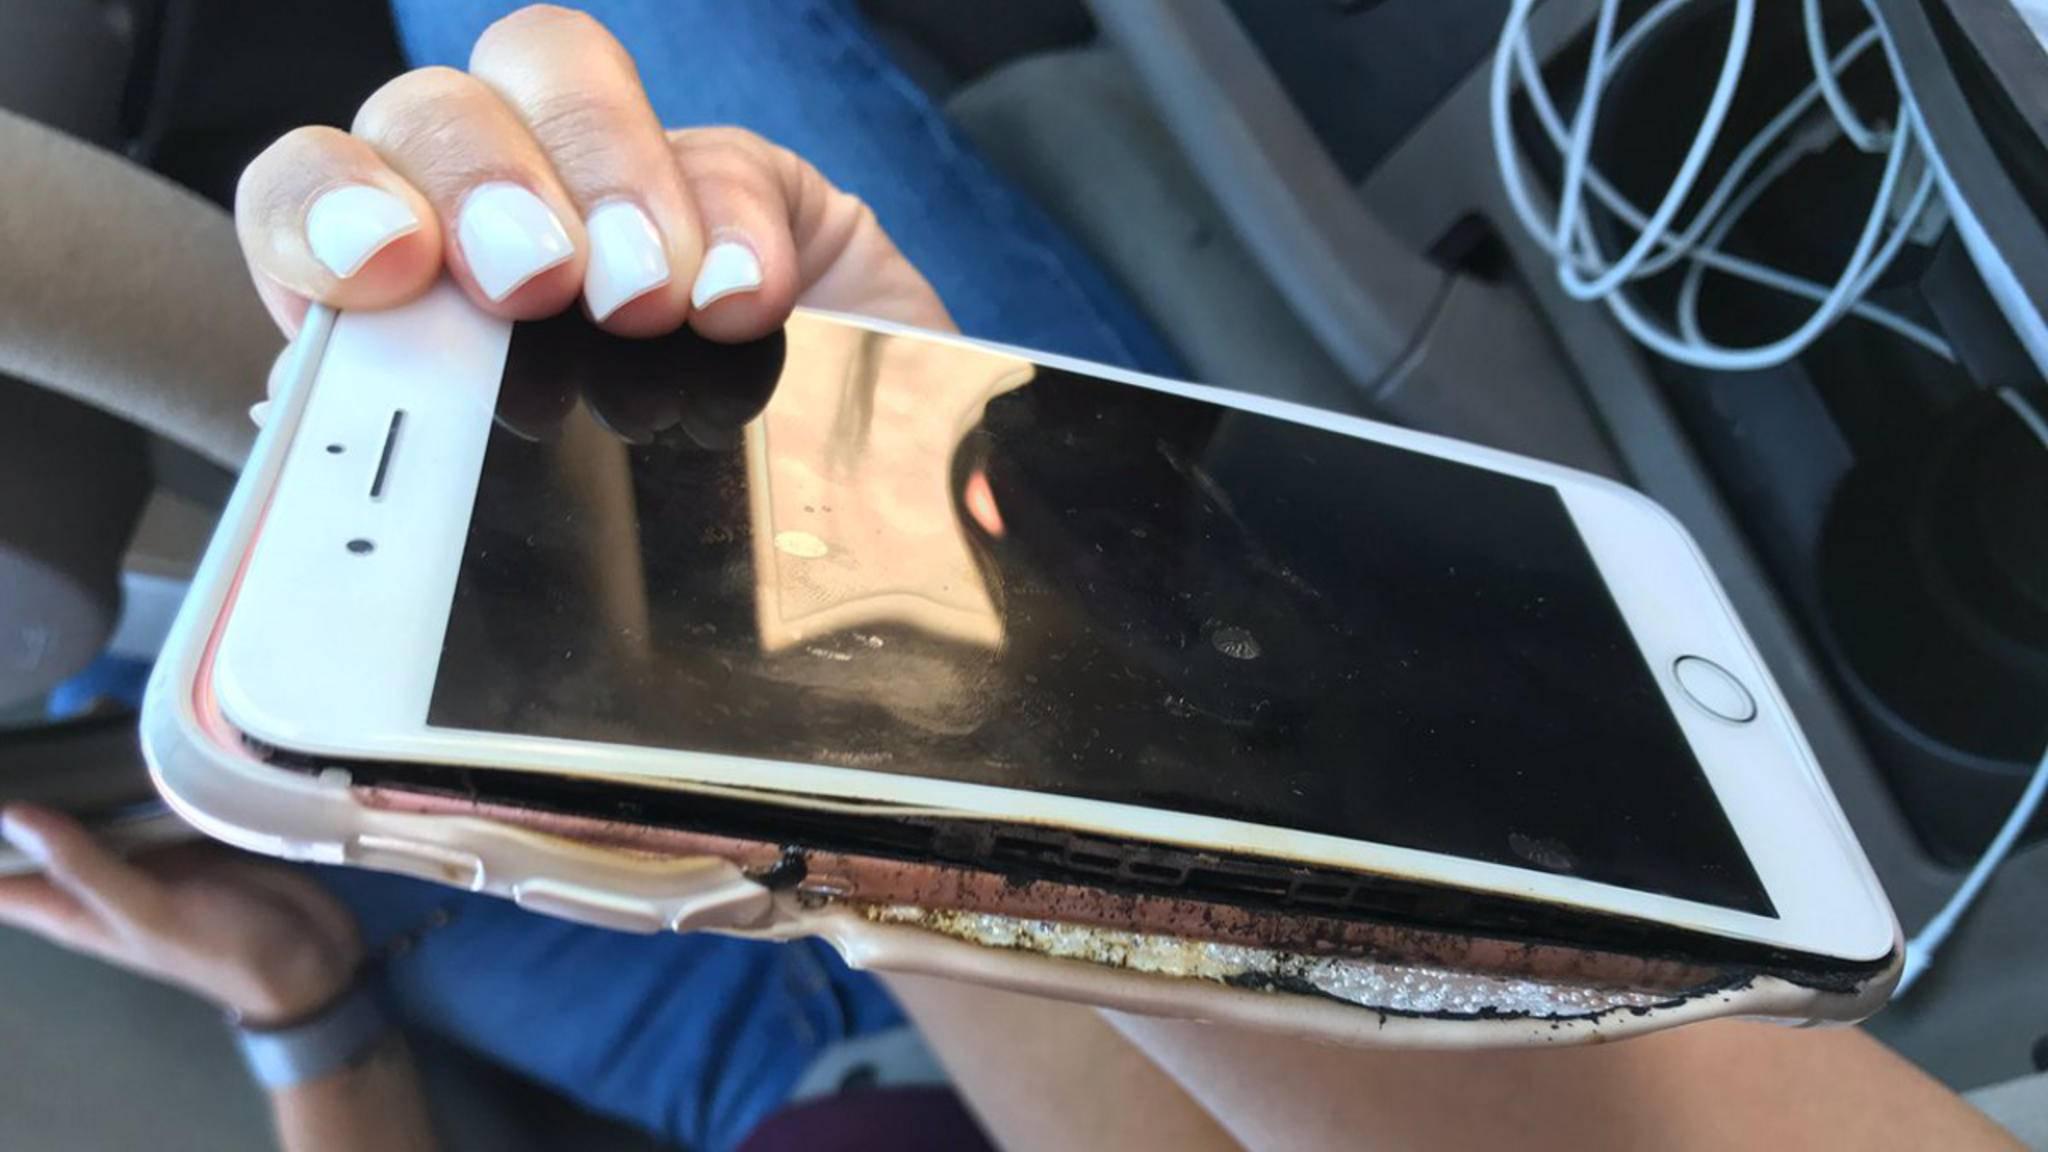 Nicht mehr brandneu: das iPhone 7 Plus von Brianna Olivas.